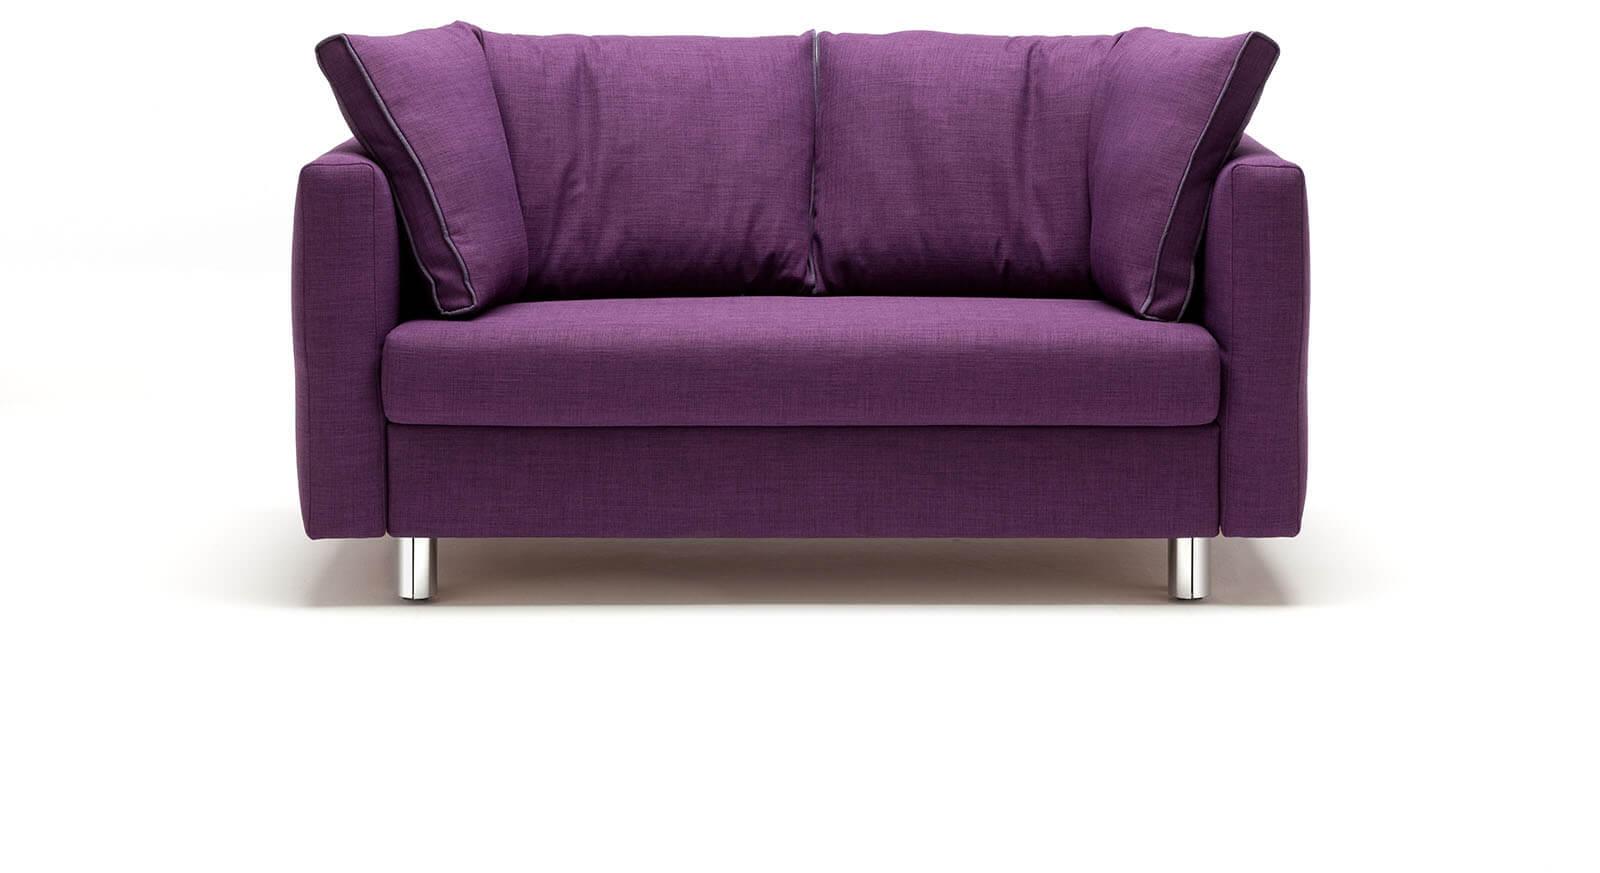 schlafsofa malou mit bettkasten von franz fertig. Black Bedroom Furniture Sets. Home Design Ideas